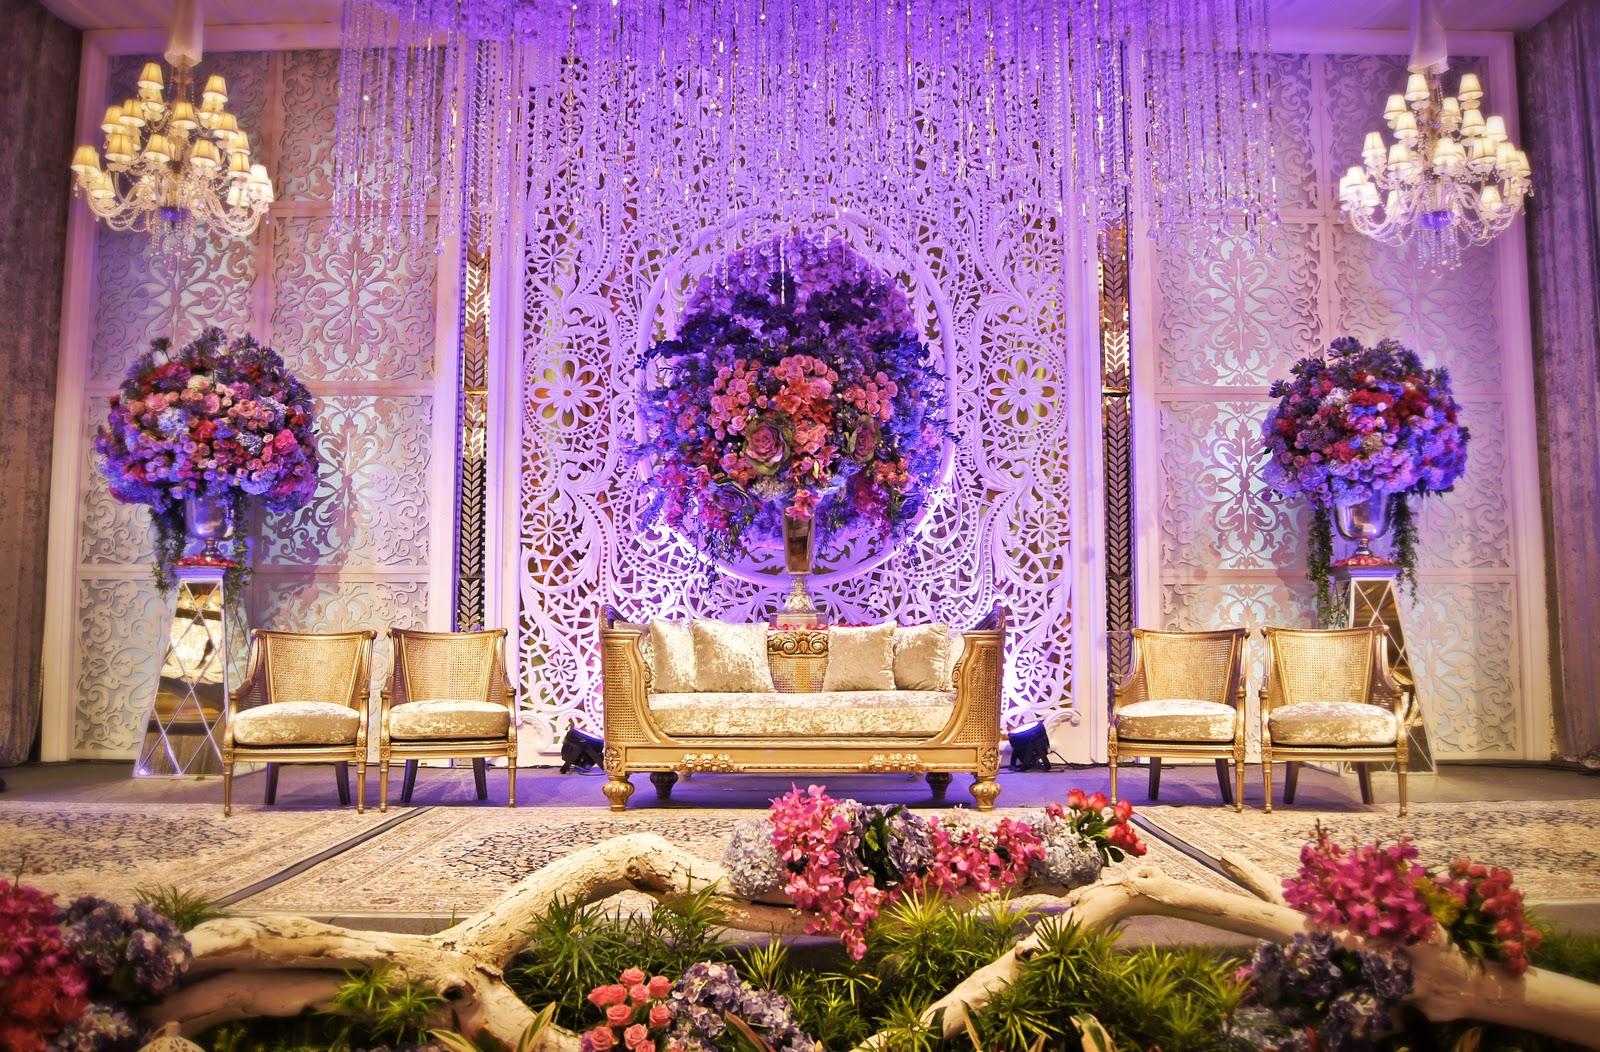 berapa perkiraan harga untuk dekorator pernikahan hanya di india